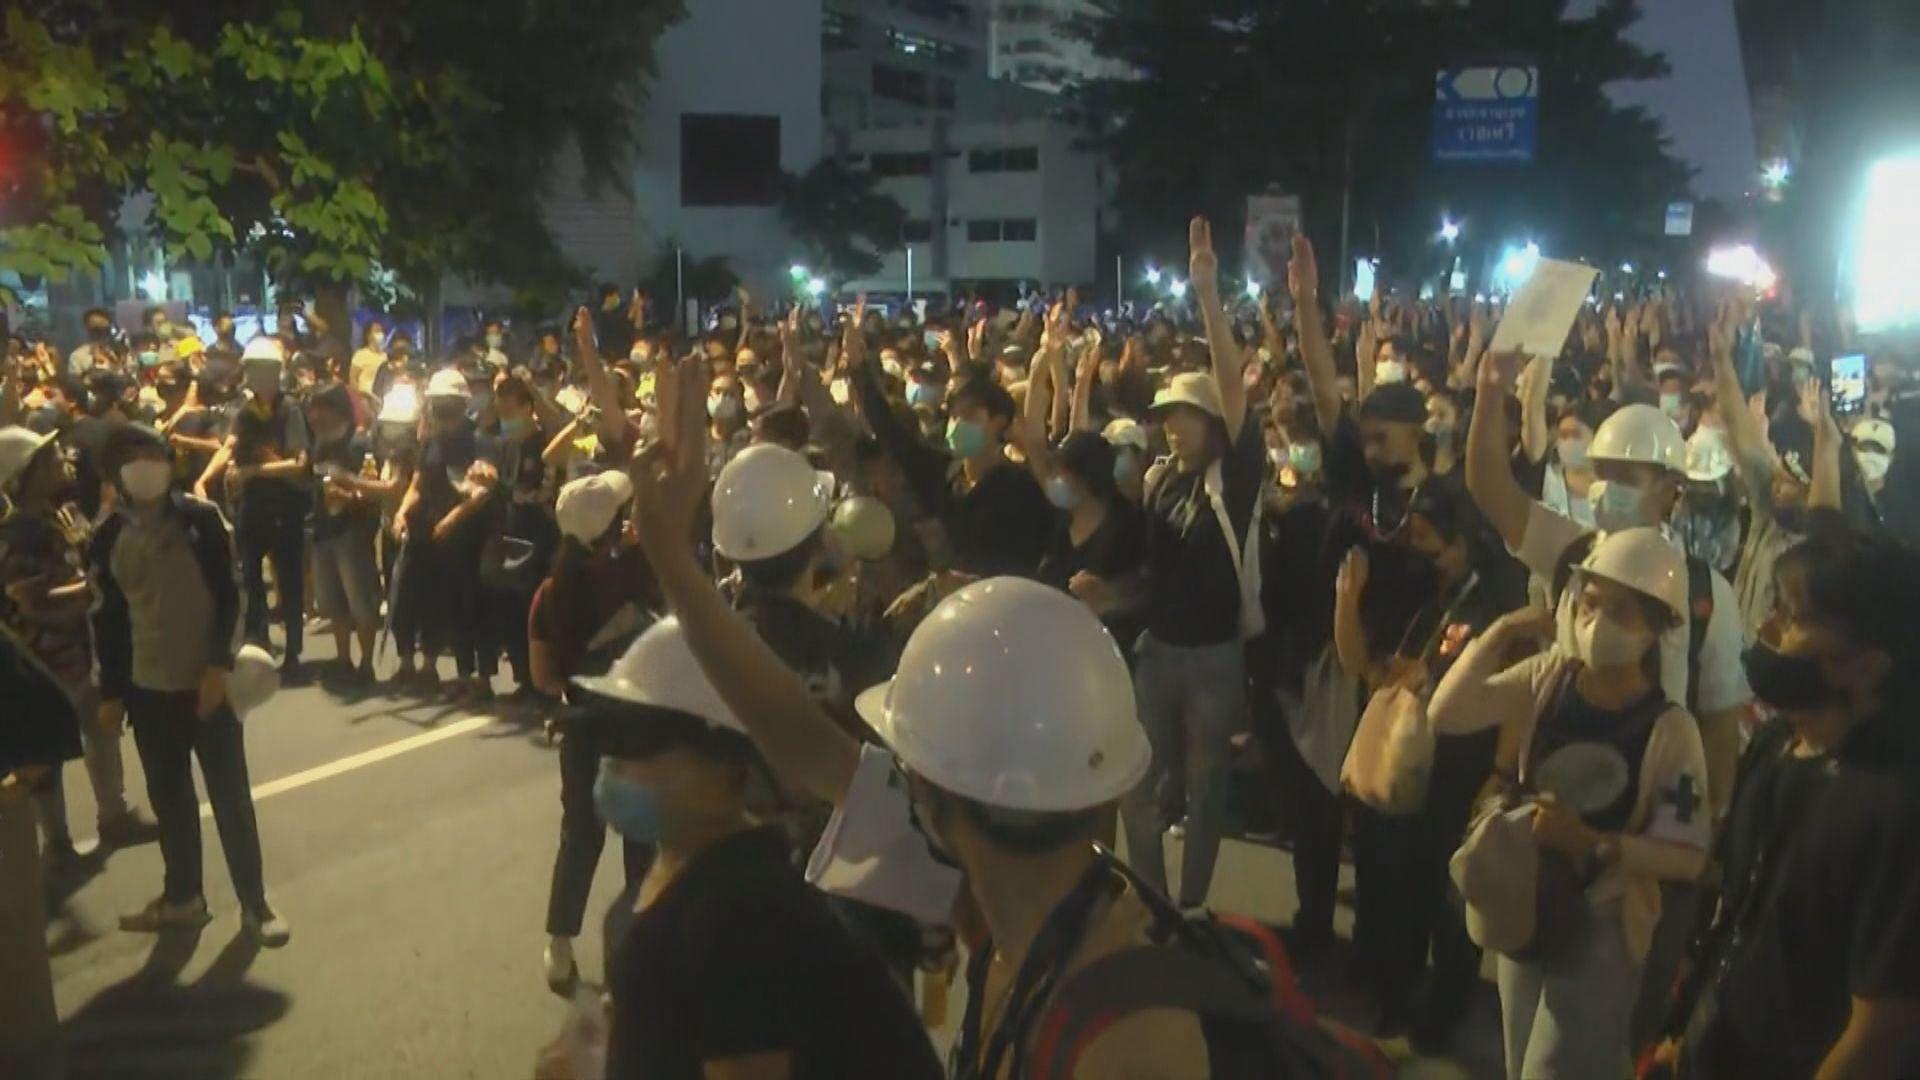 泰示威組織號召民眾轉到政府大樓抗議